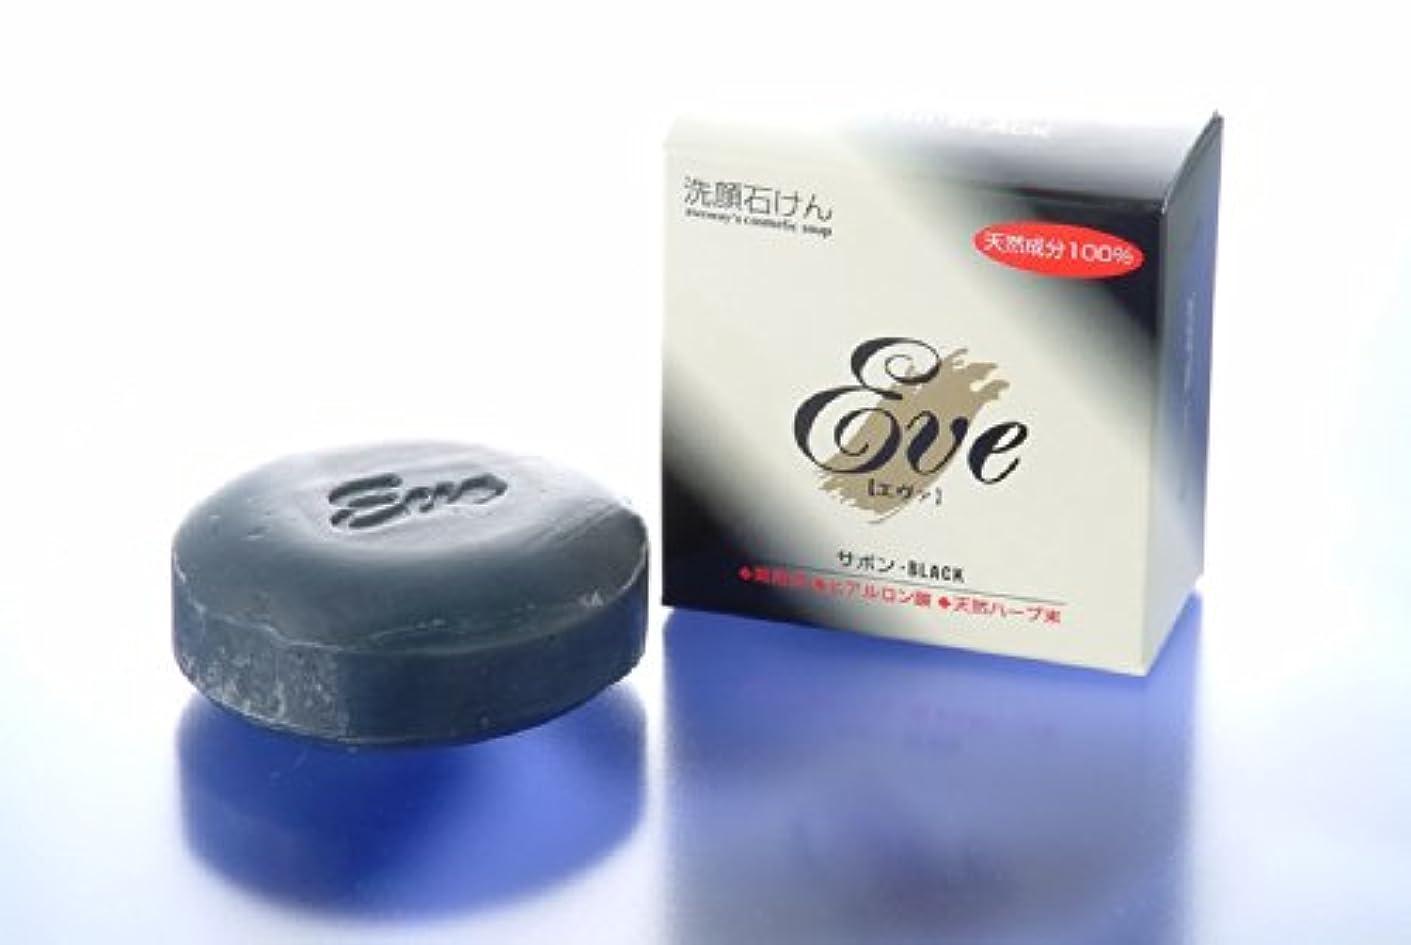 絶望飢えたむき出し洗顔 化粧石鹸 サボンブラック 10個セット クレンジングの要らない石鹸です。